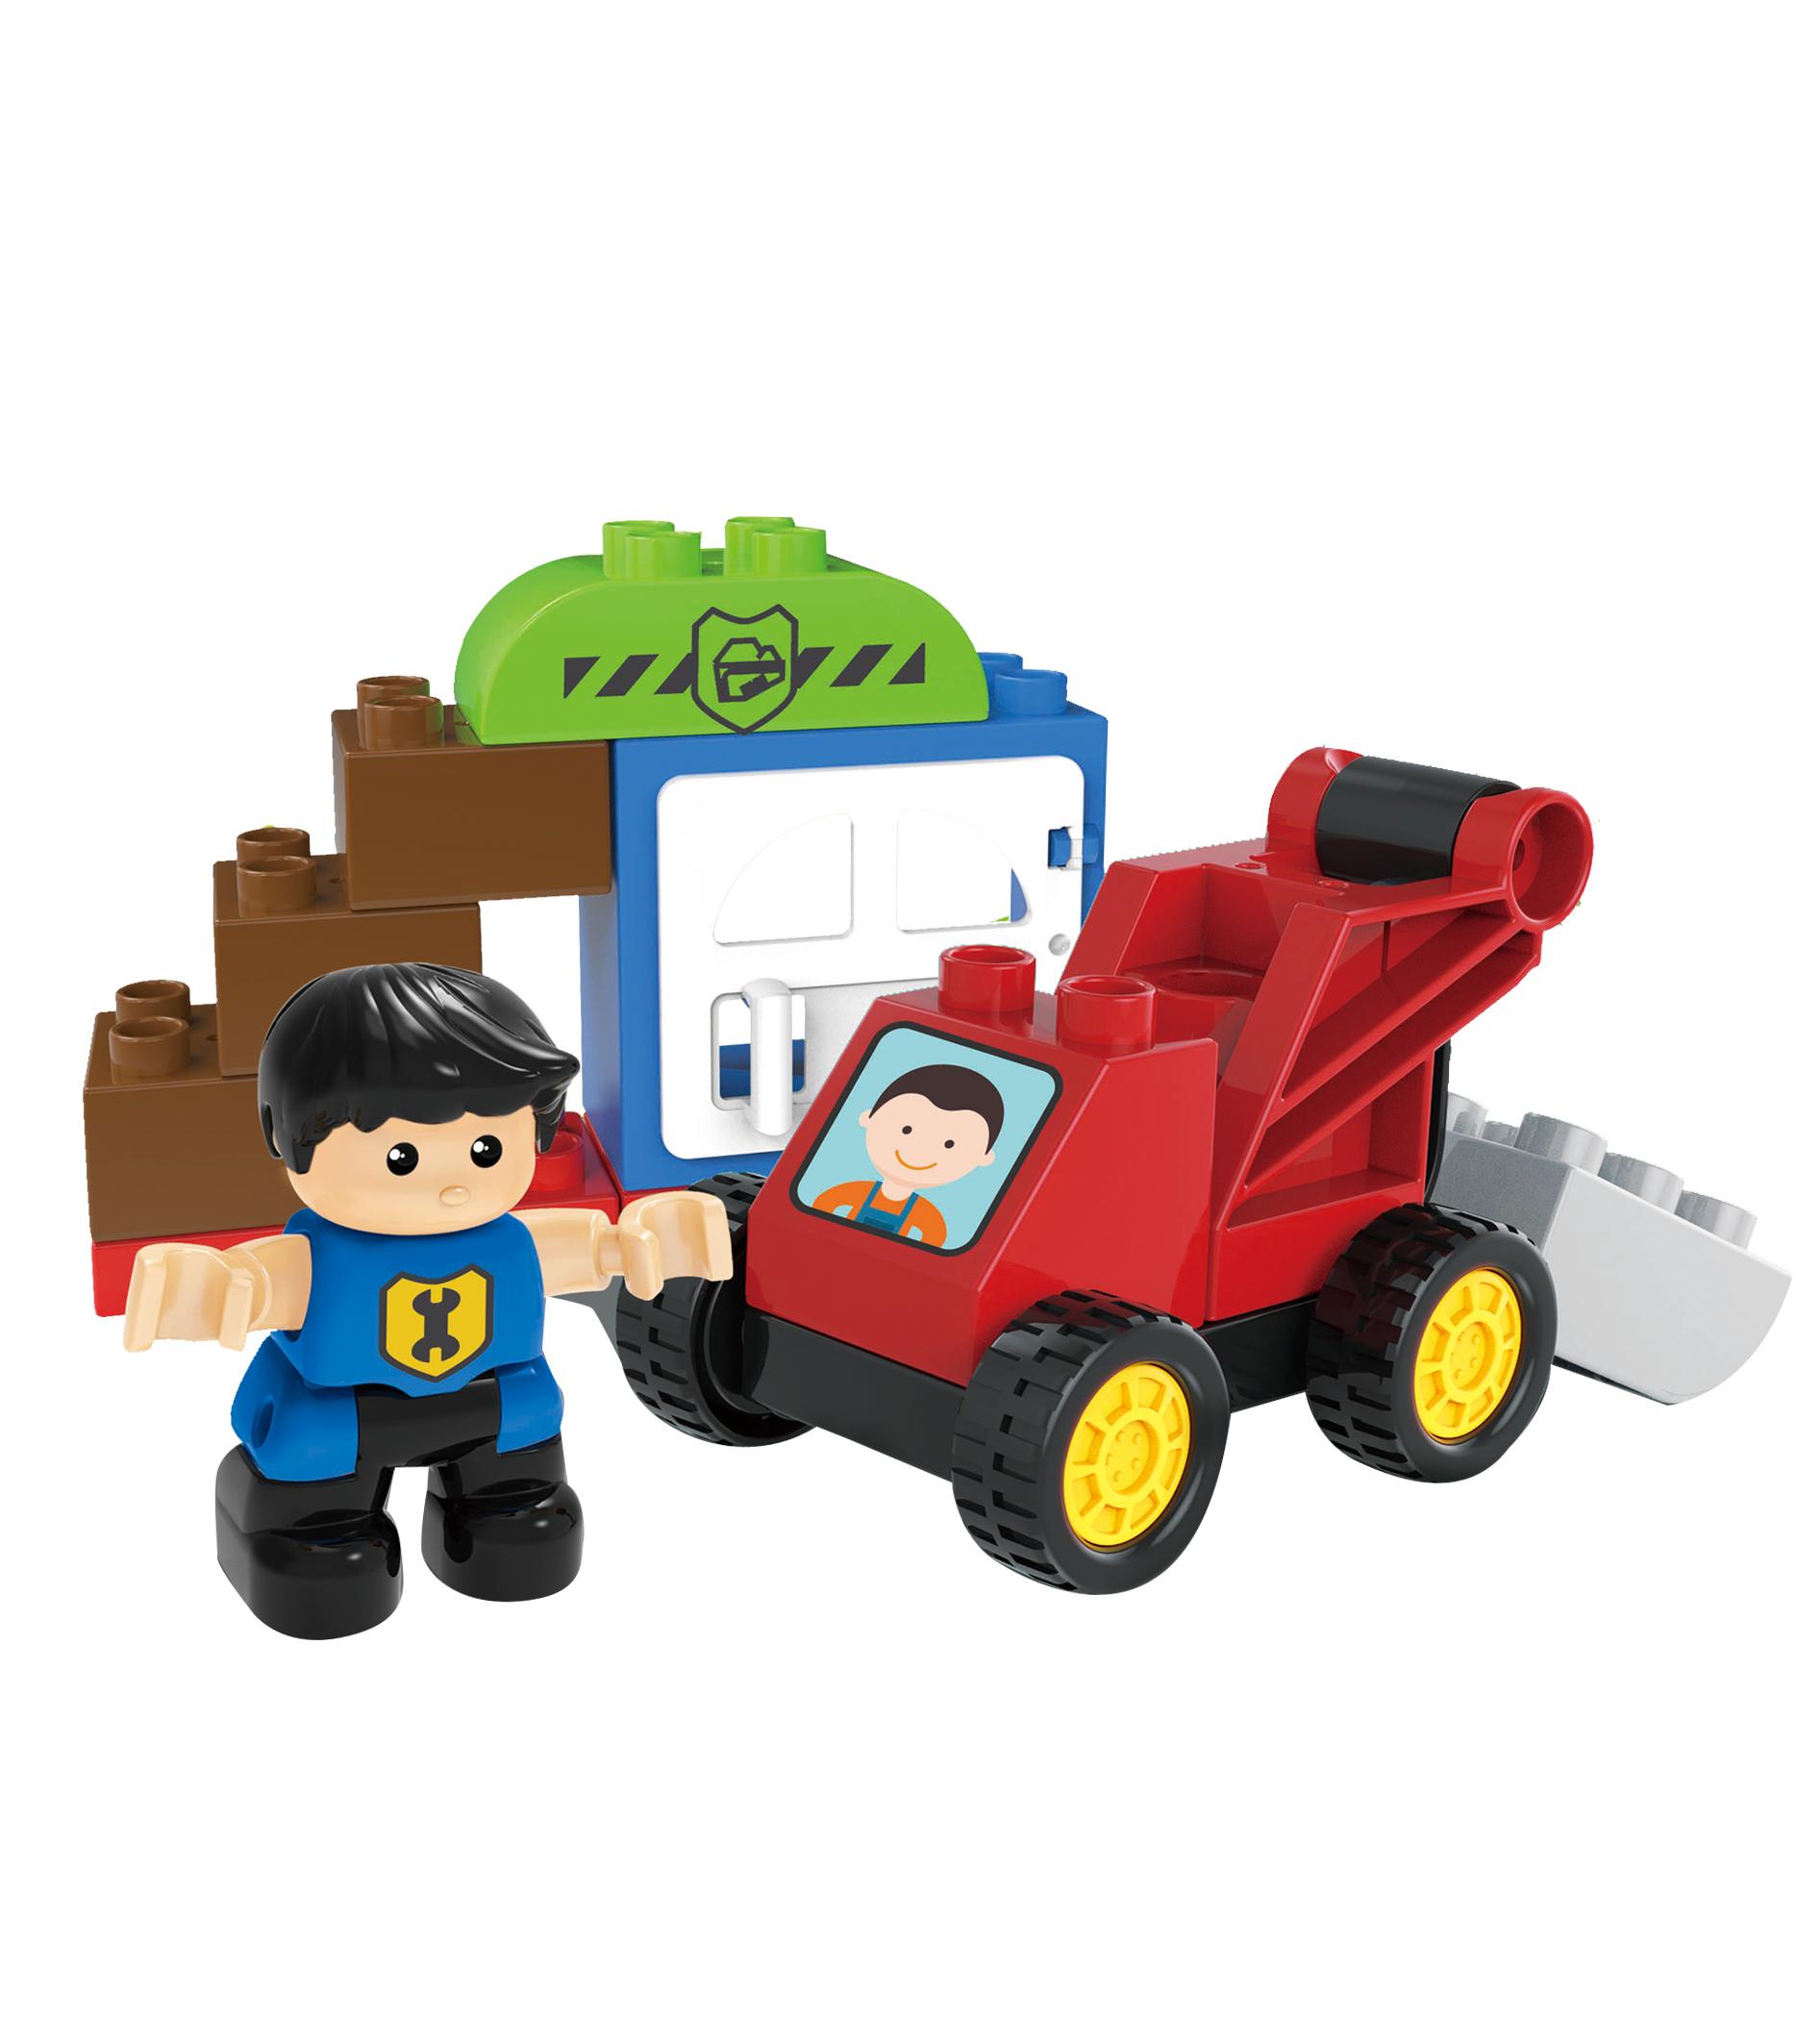 汕头市澄海区启瀚玩具厂图片玩具图片大全钥匙图片